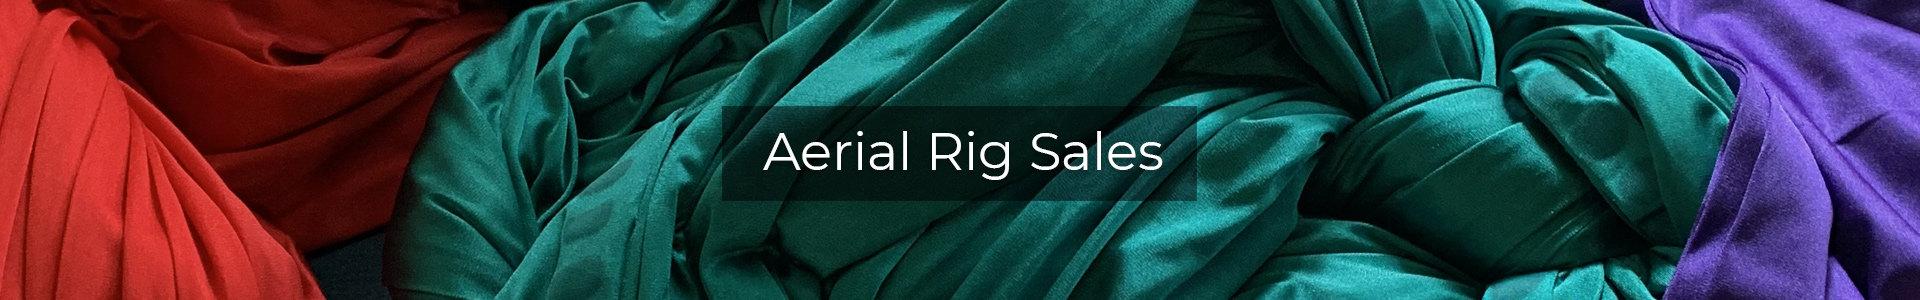 rig-sales-hdr.jpg